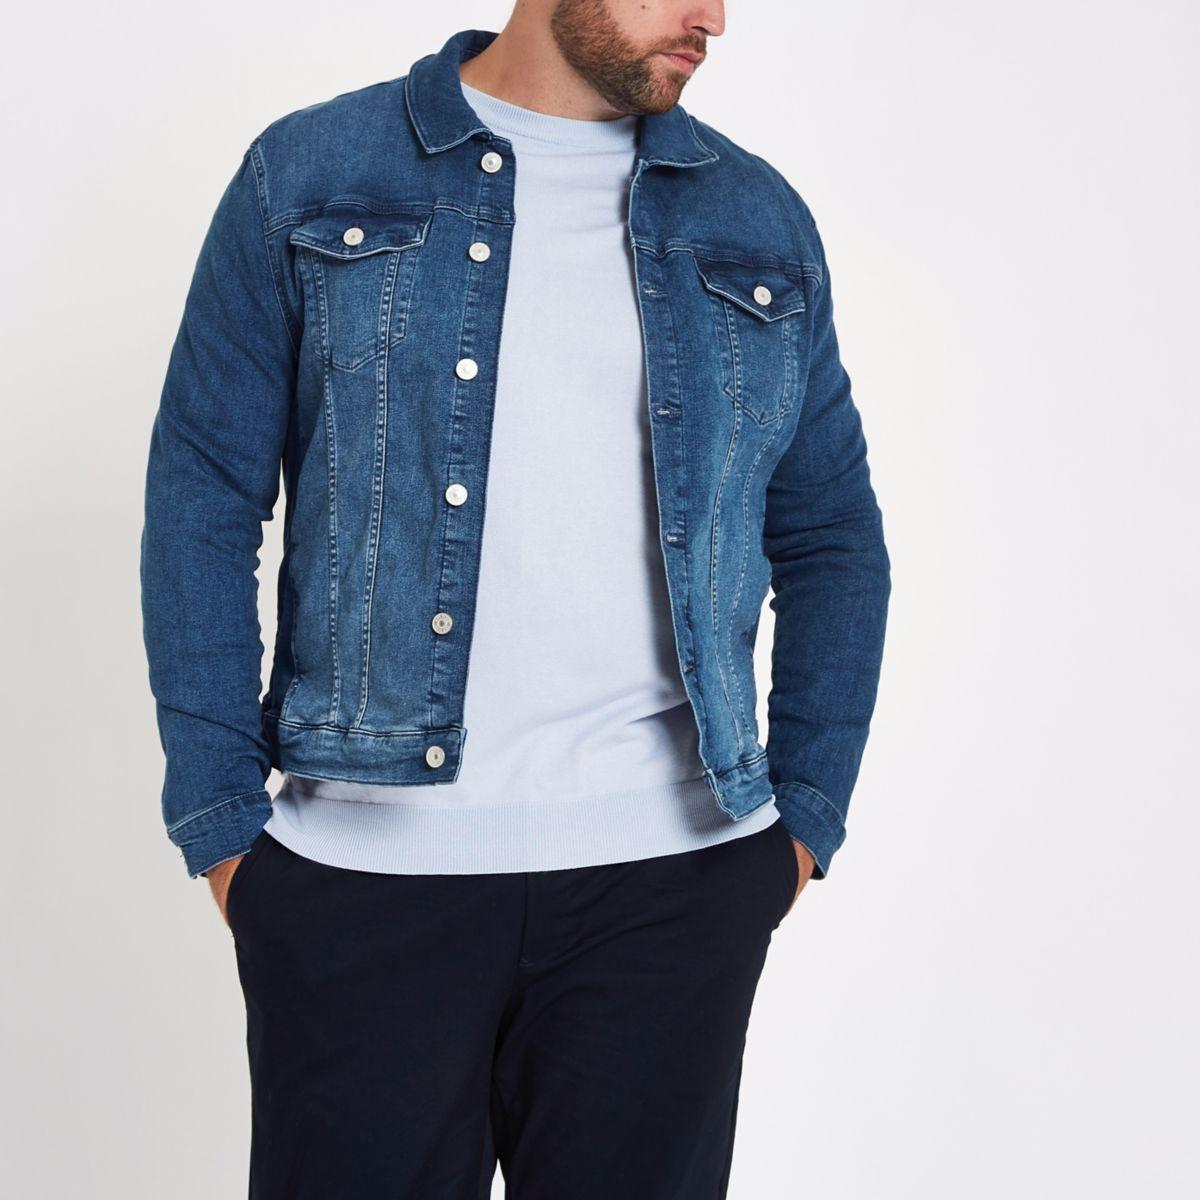 Big & Tall blue denim jacket